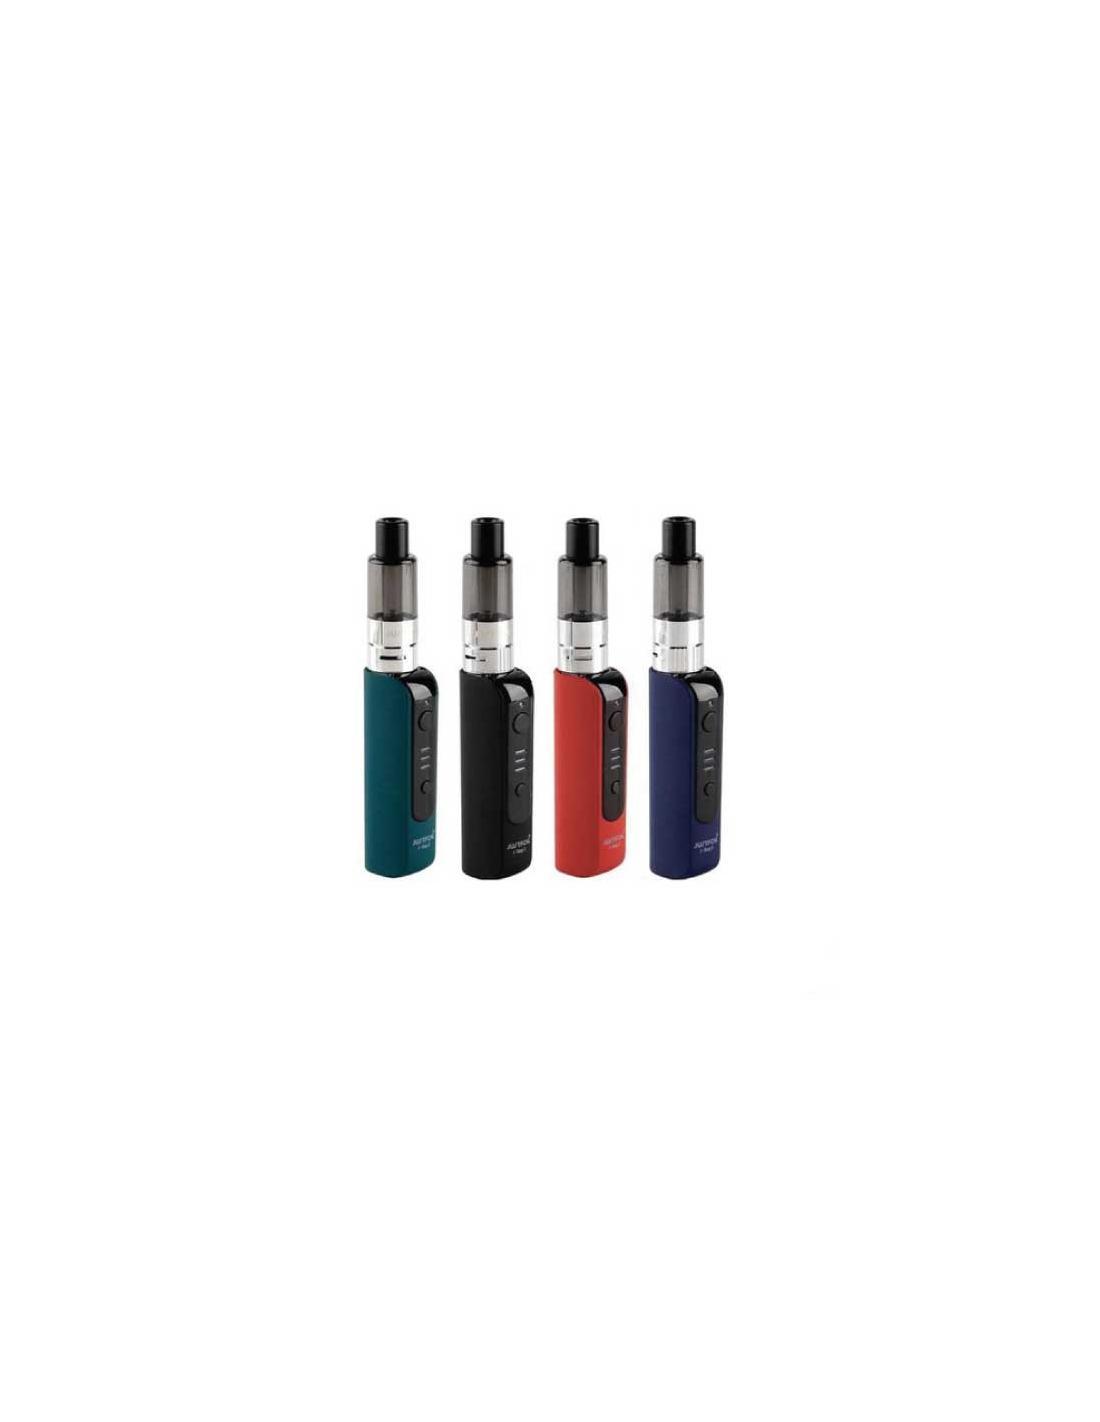 Justfog P16a Starter Kit Sigaretta Elettronica Con Batteria Integrata Da 900mah